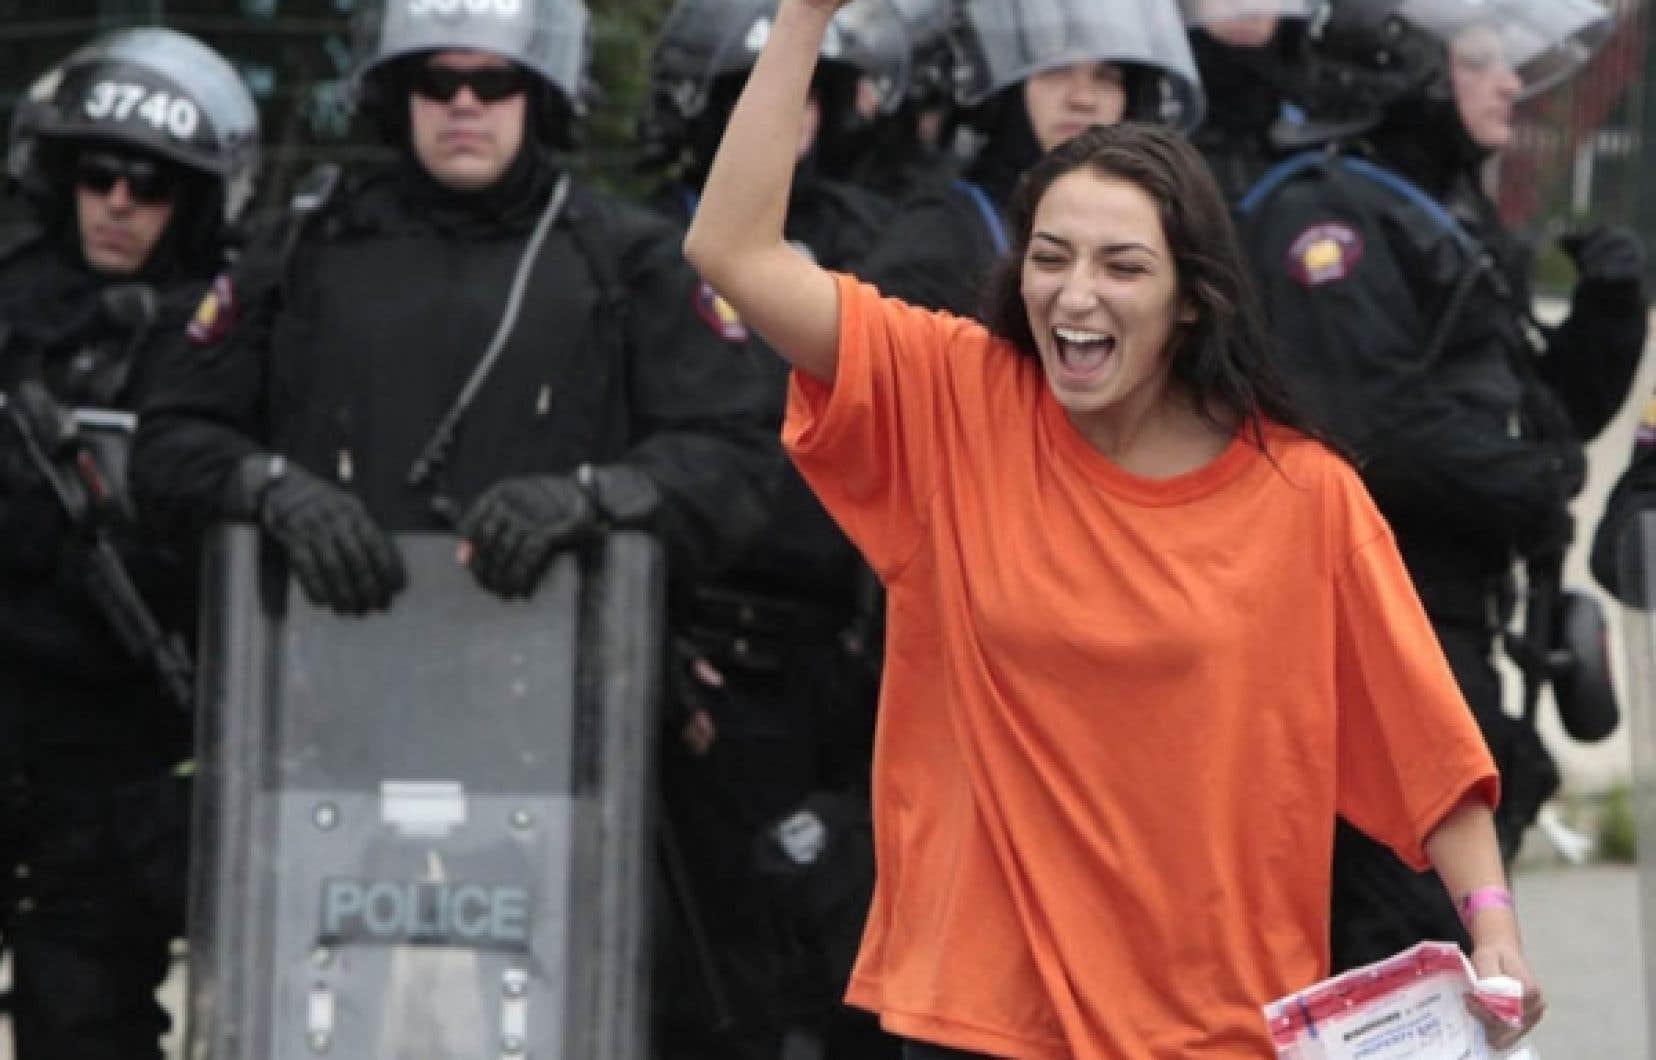 Une manifestante est libérée d'un centre de détention après avoir été interpellée par les forces de l'ordre de la Ville de Toronto. Les policiers de la Ville reine ont arrêté, ce week-end de G20, plus de 600 personnes, dans ce qui apparaît déjà comme la vague la plus importante d'arrestations de l'histoire contemporaine du Canada.<br />